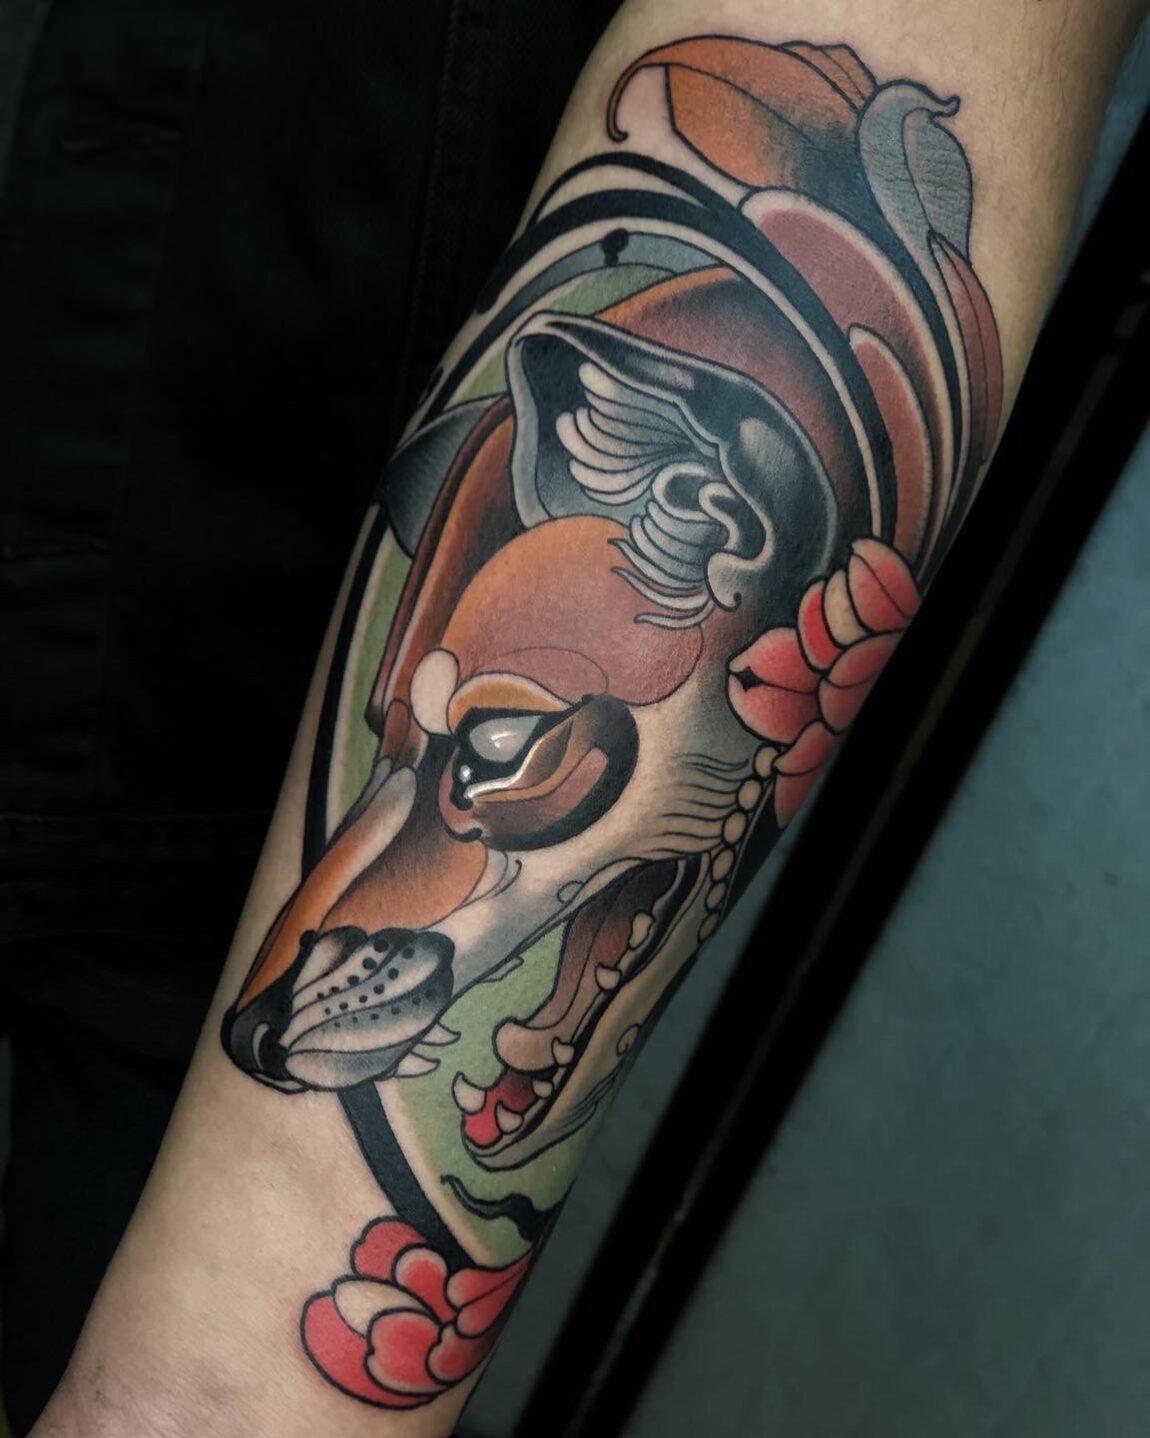 Chris Arroyo, Nueva Sangre Tattoo, Ciudad de Mexico, Mexico